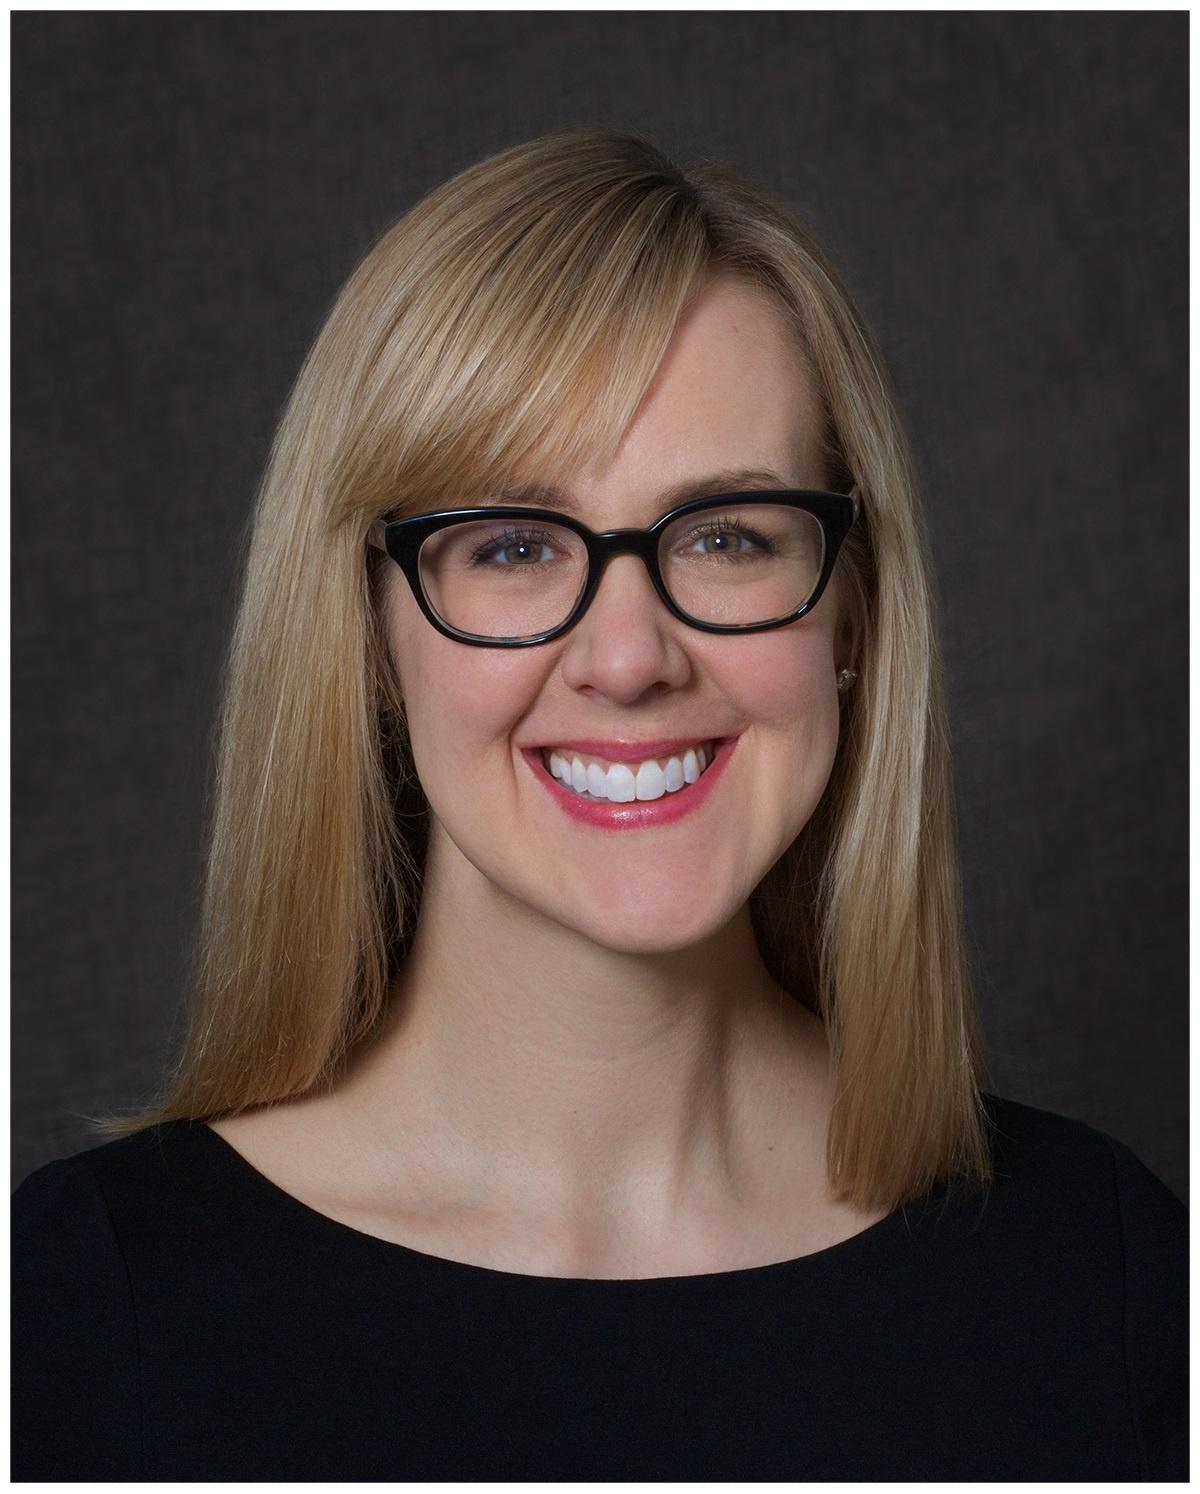 Erin Gleason